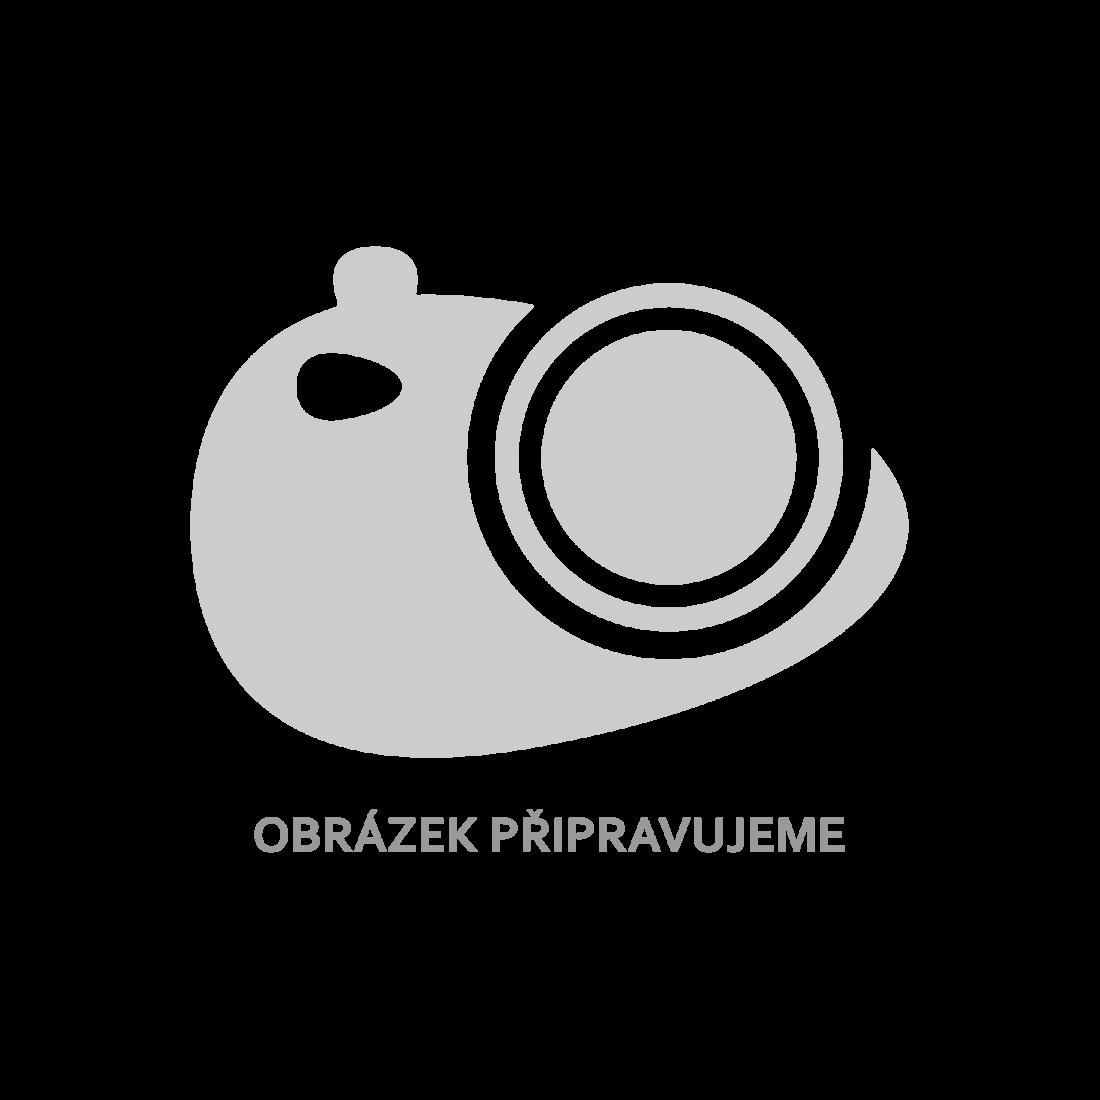 vidaXL Nohy k jídelnímu stolu ve tvaru H 2 ks 80 x 72 cm [285175]